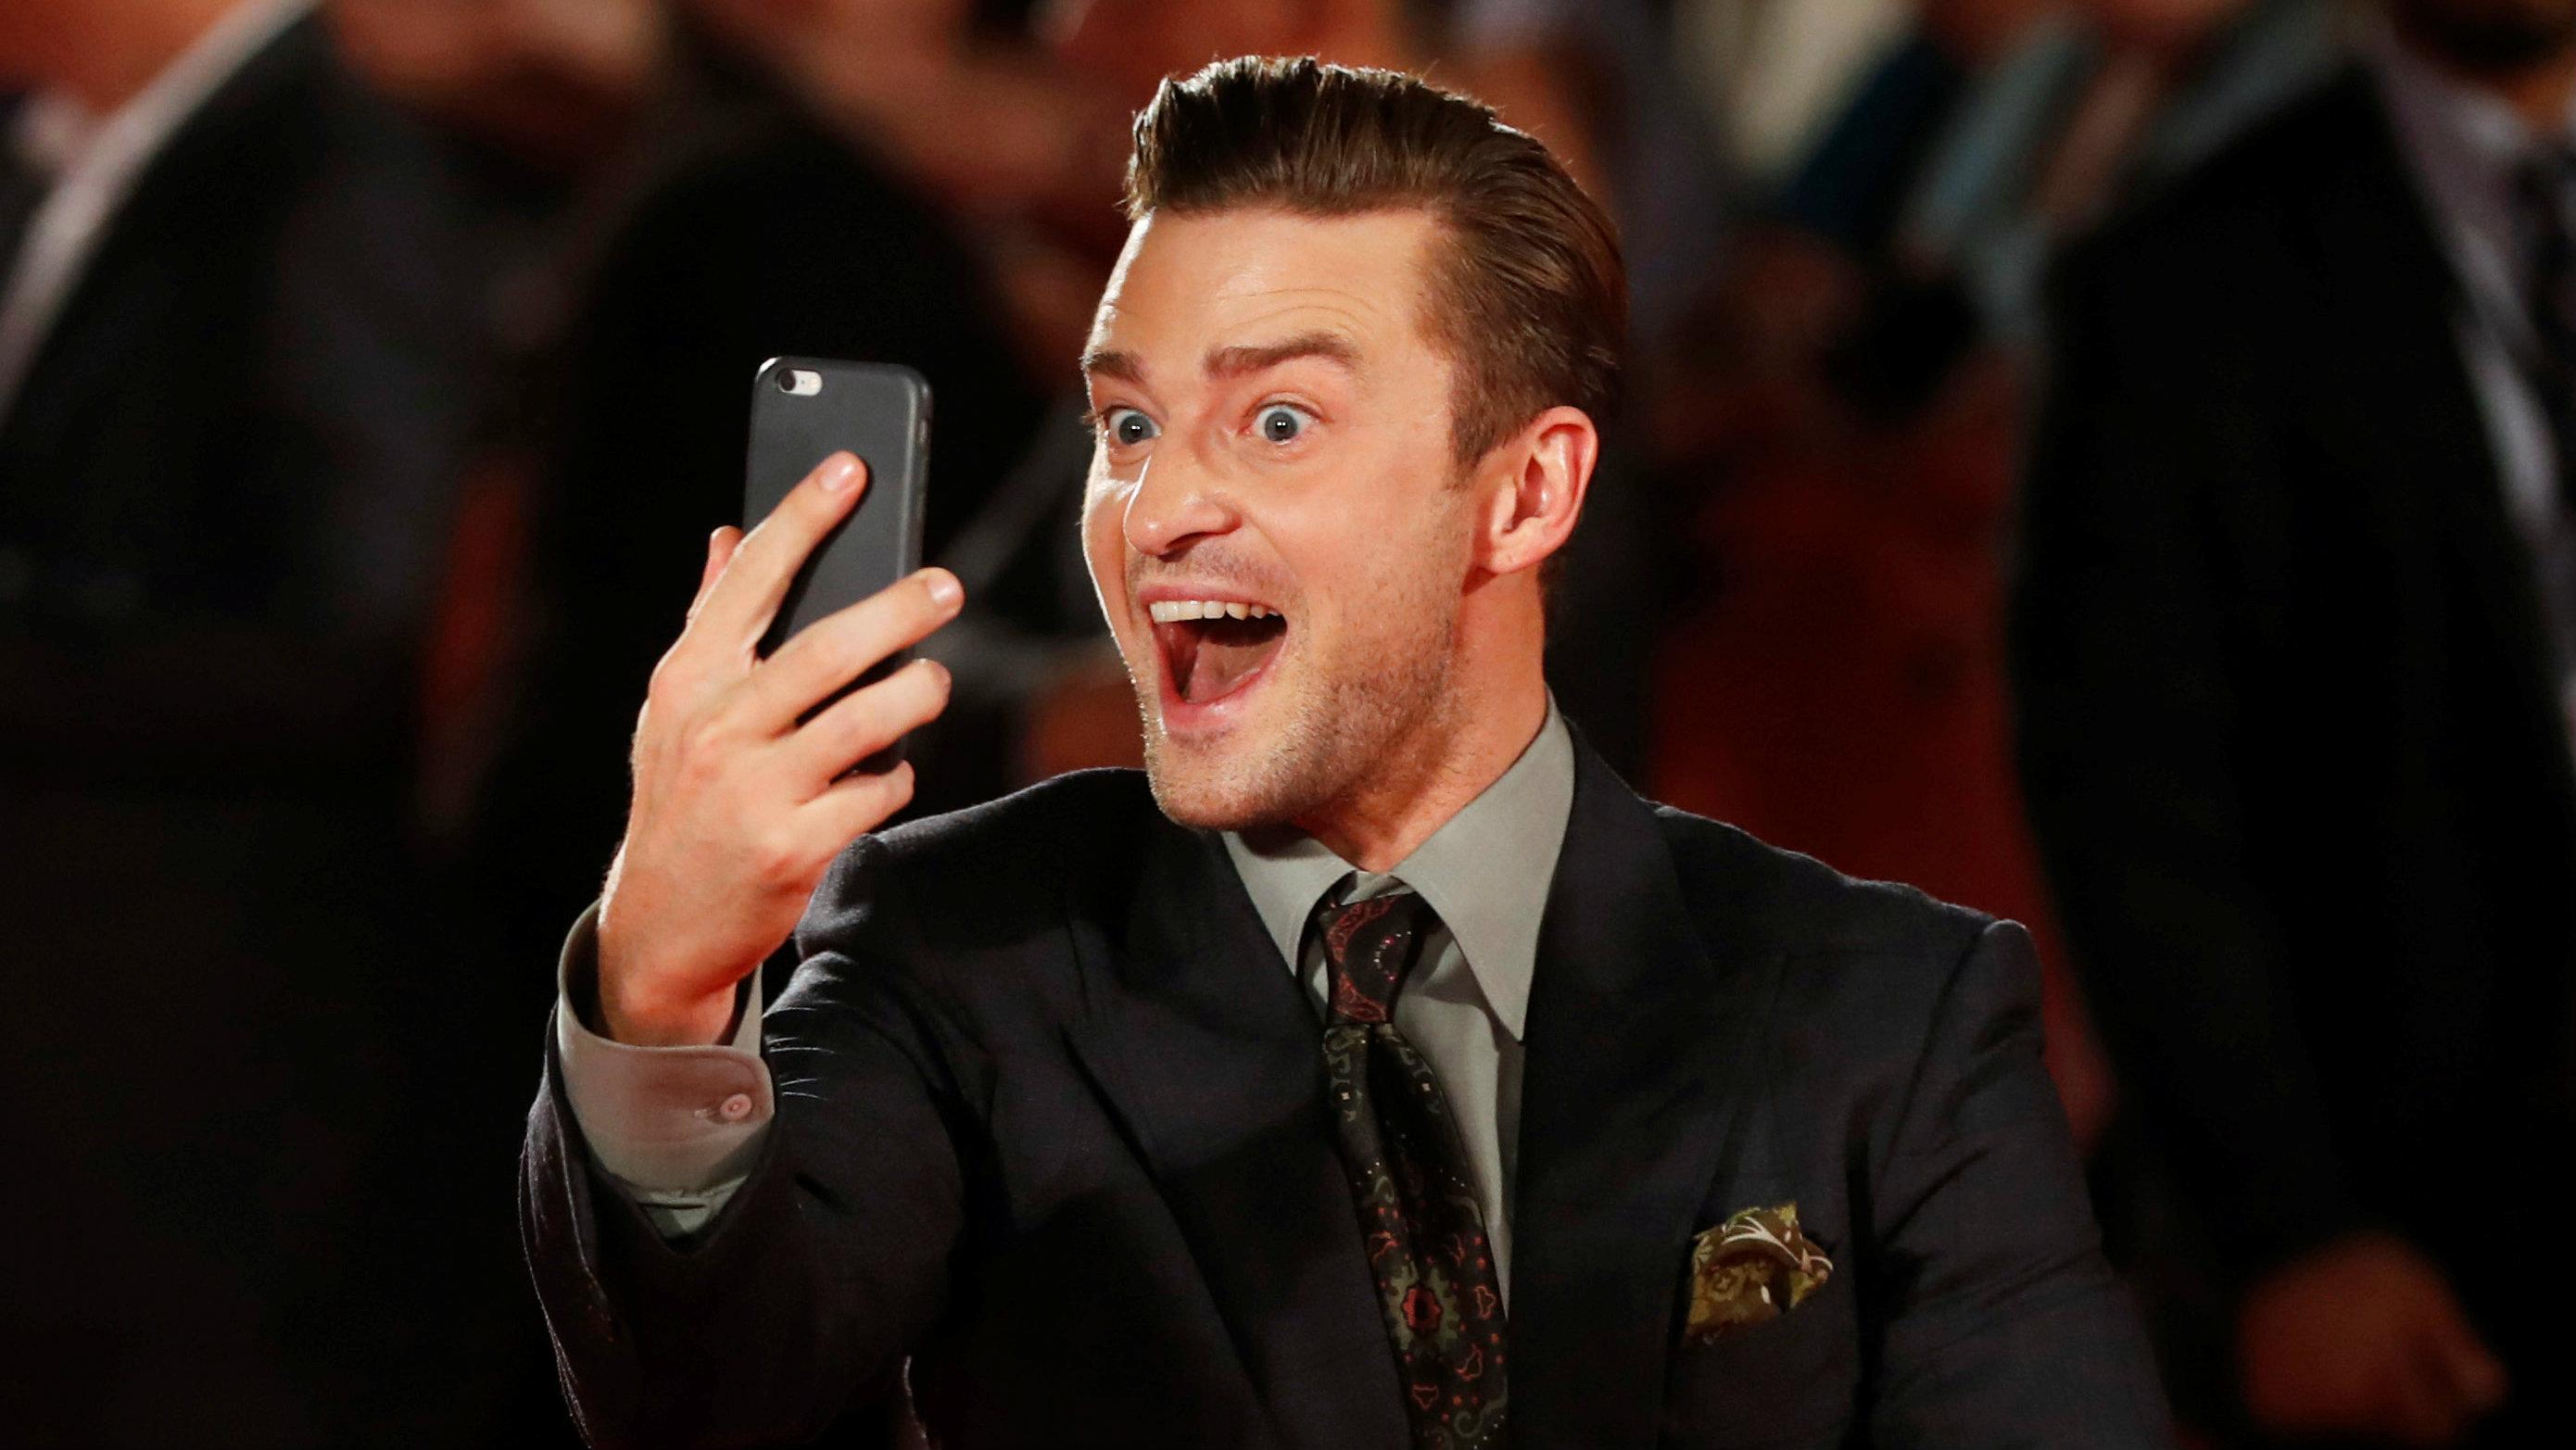 Justin Timberlake selfie